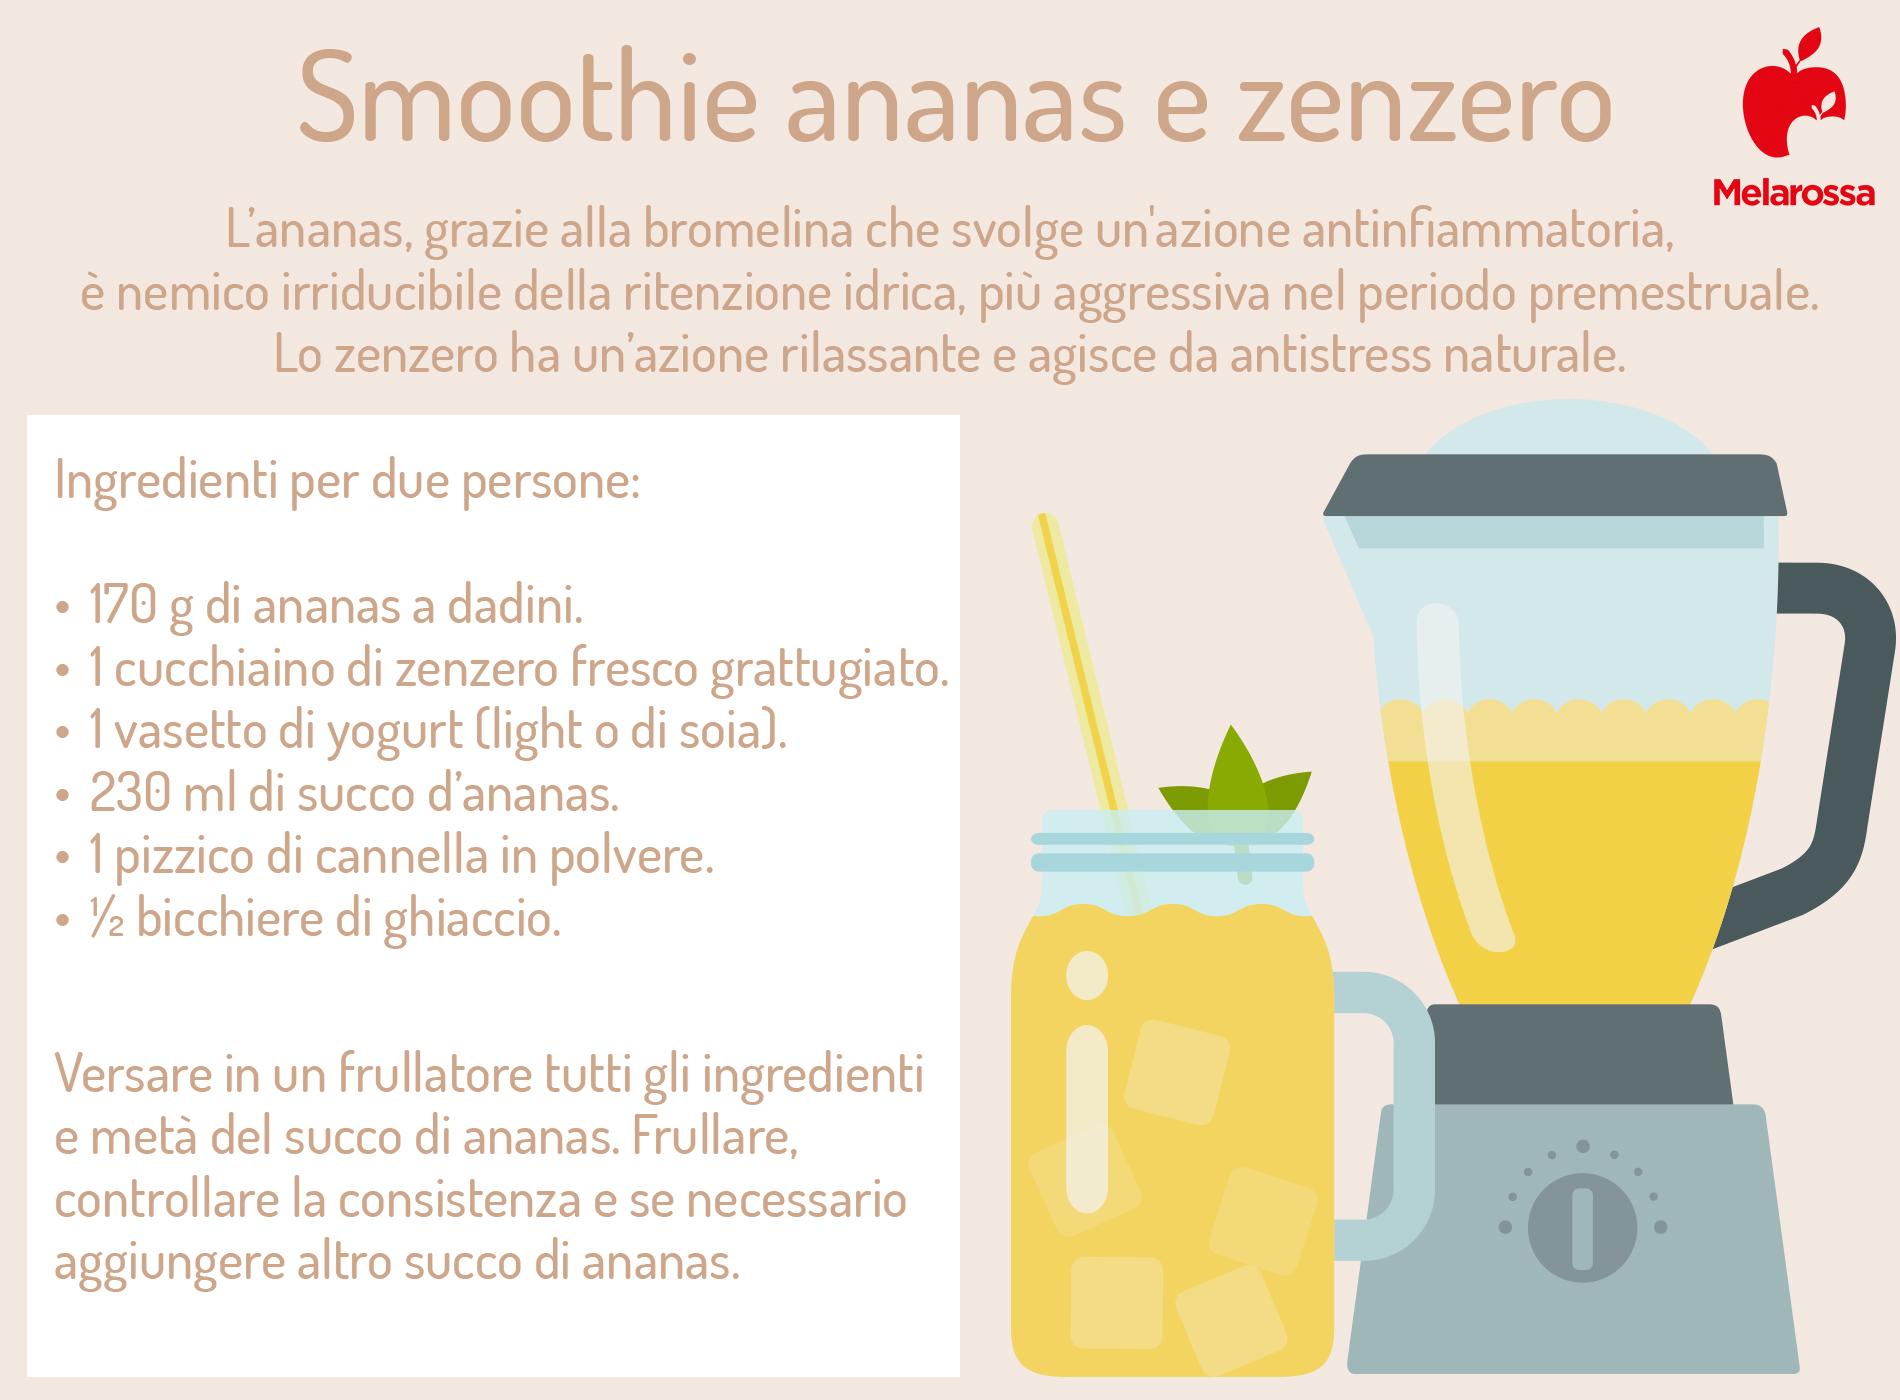 smoothie zenzero e ananas per combattere la sindrome premestruale